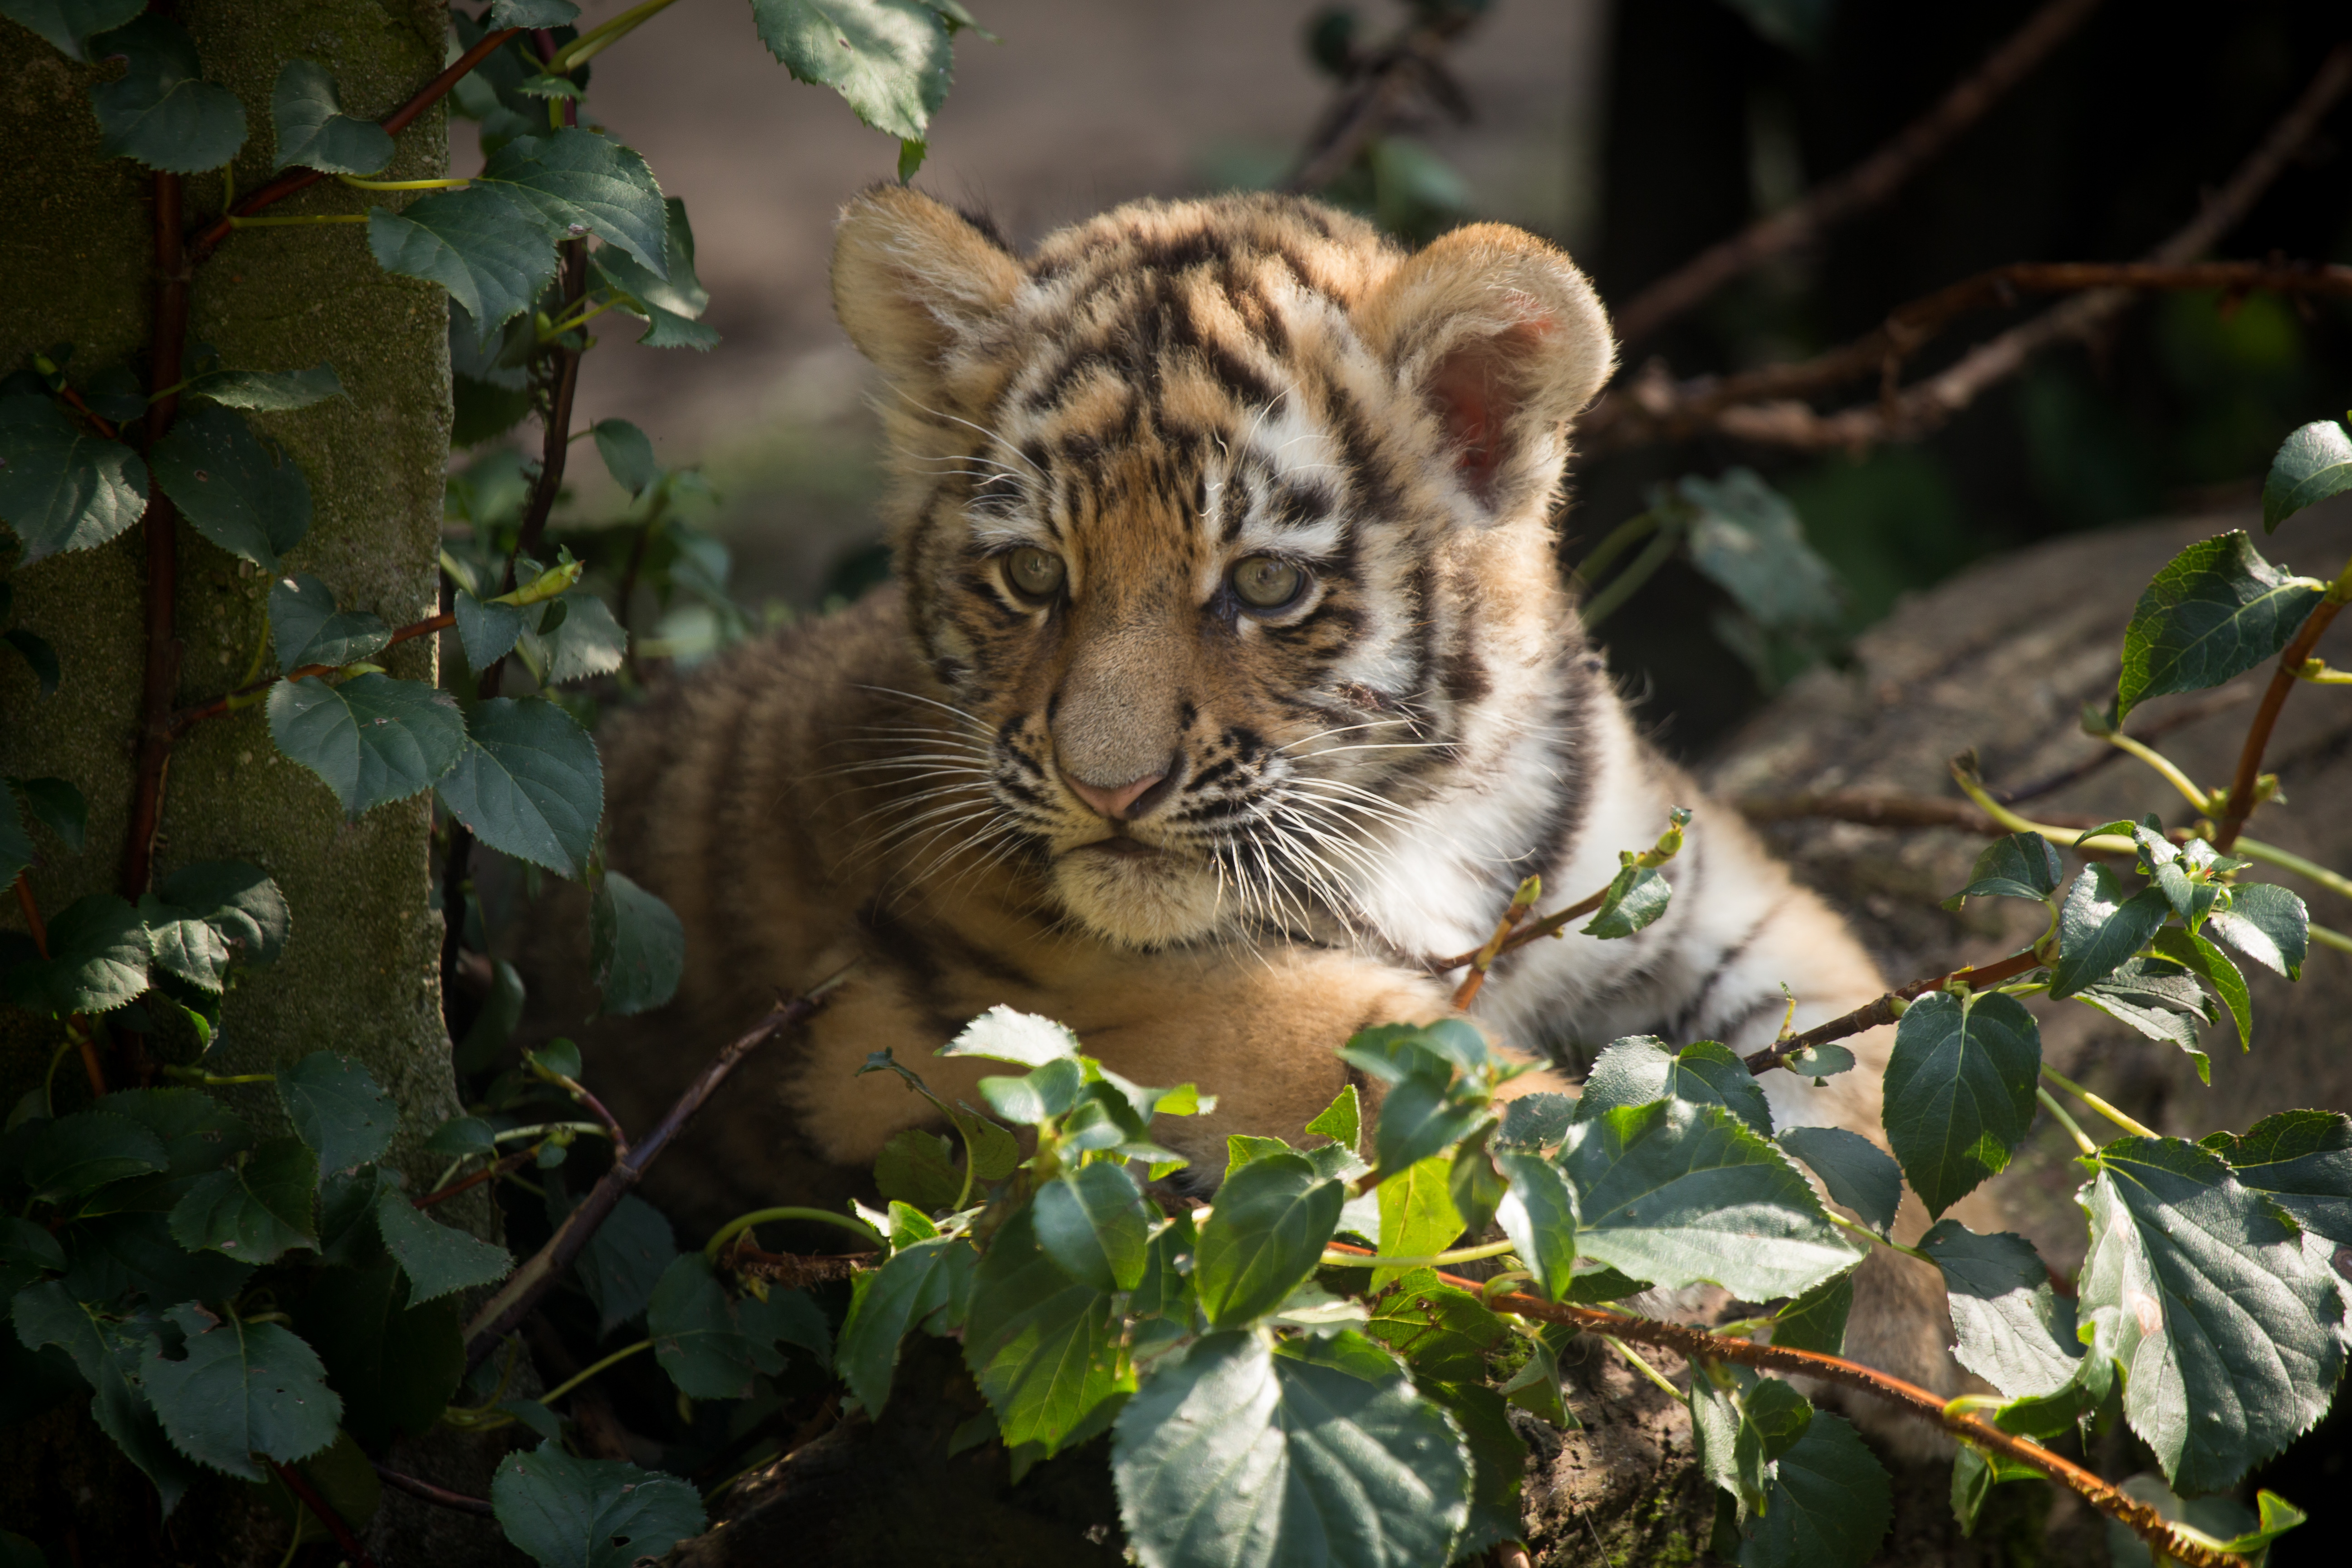 чувства красивые картинки маленьких тигрят класс сборки